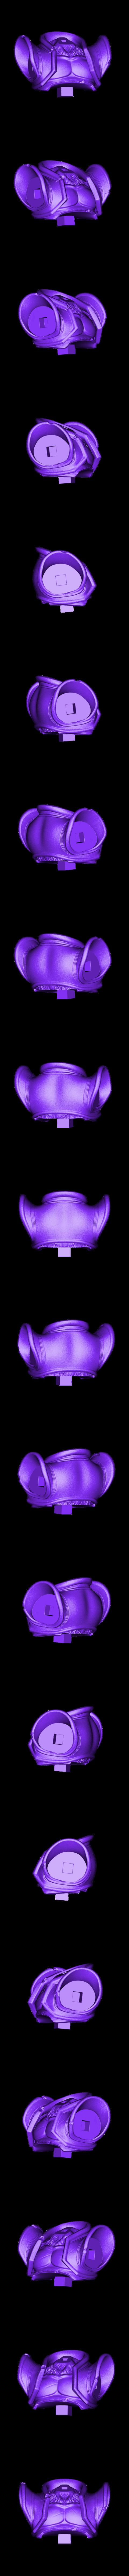 Armor.stl Download STL file Oozaru Baby - Dragon ball - 3D print model  • Object to 3D print, Bstar3Dart